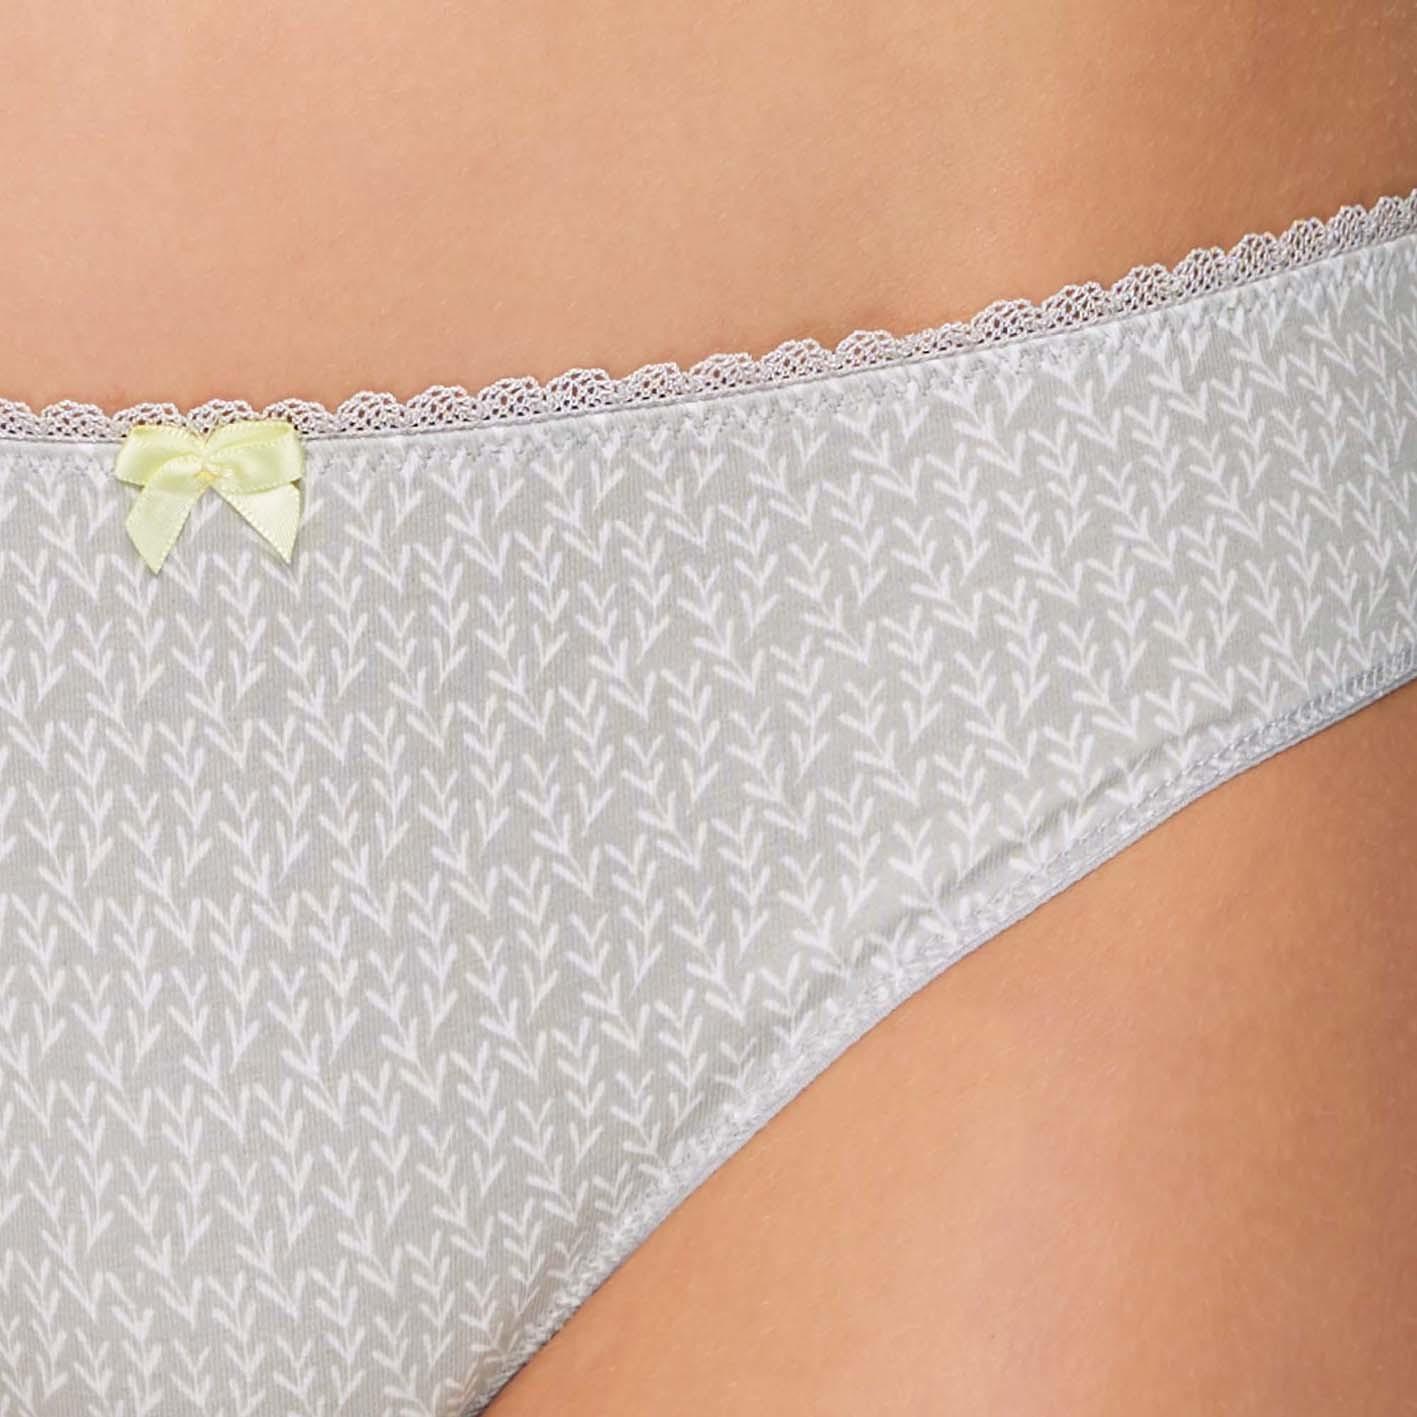 Трусы женские бикини  3LP-150 комплект (3 шт.)